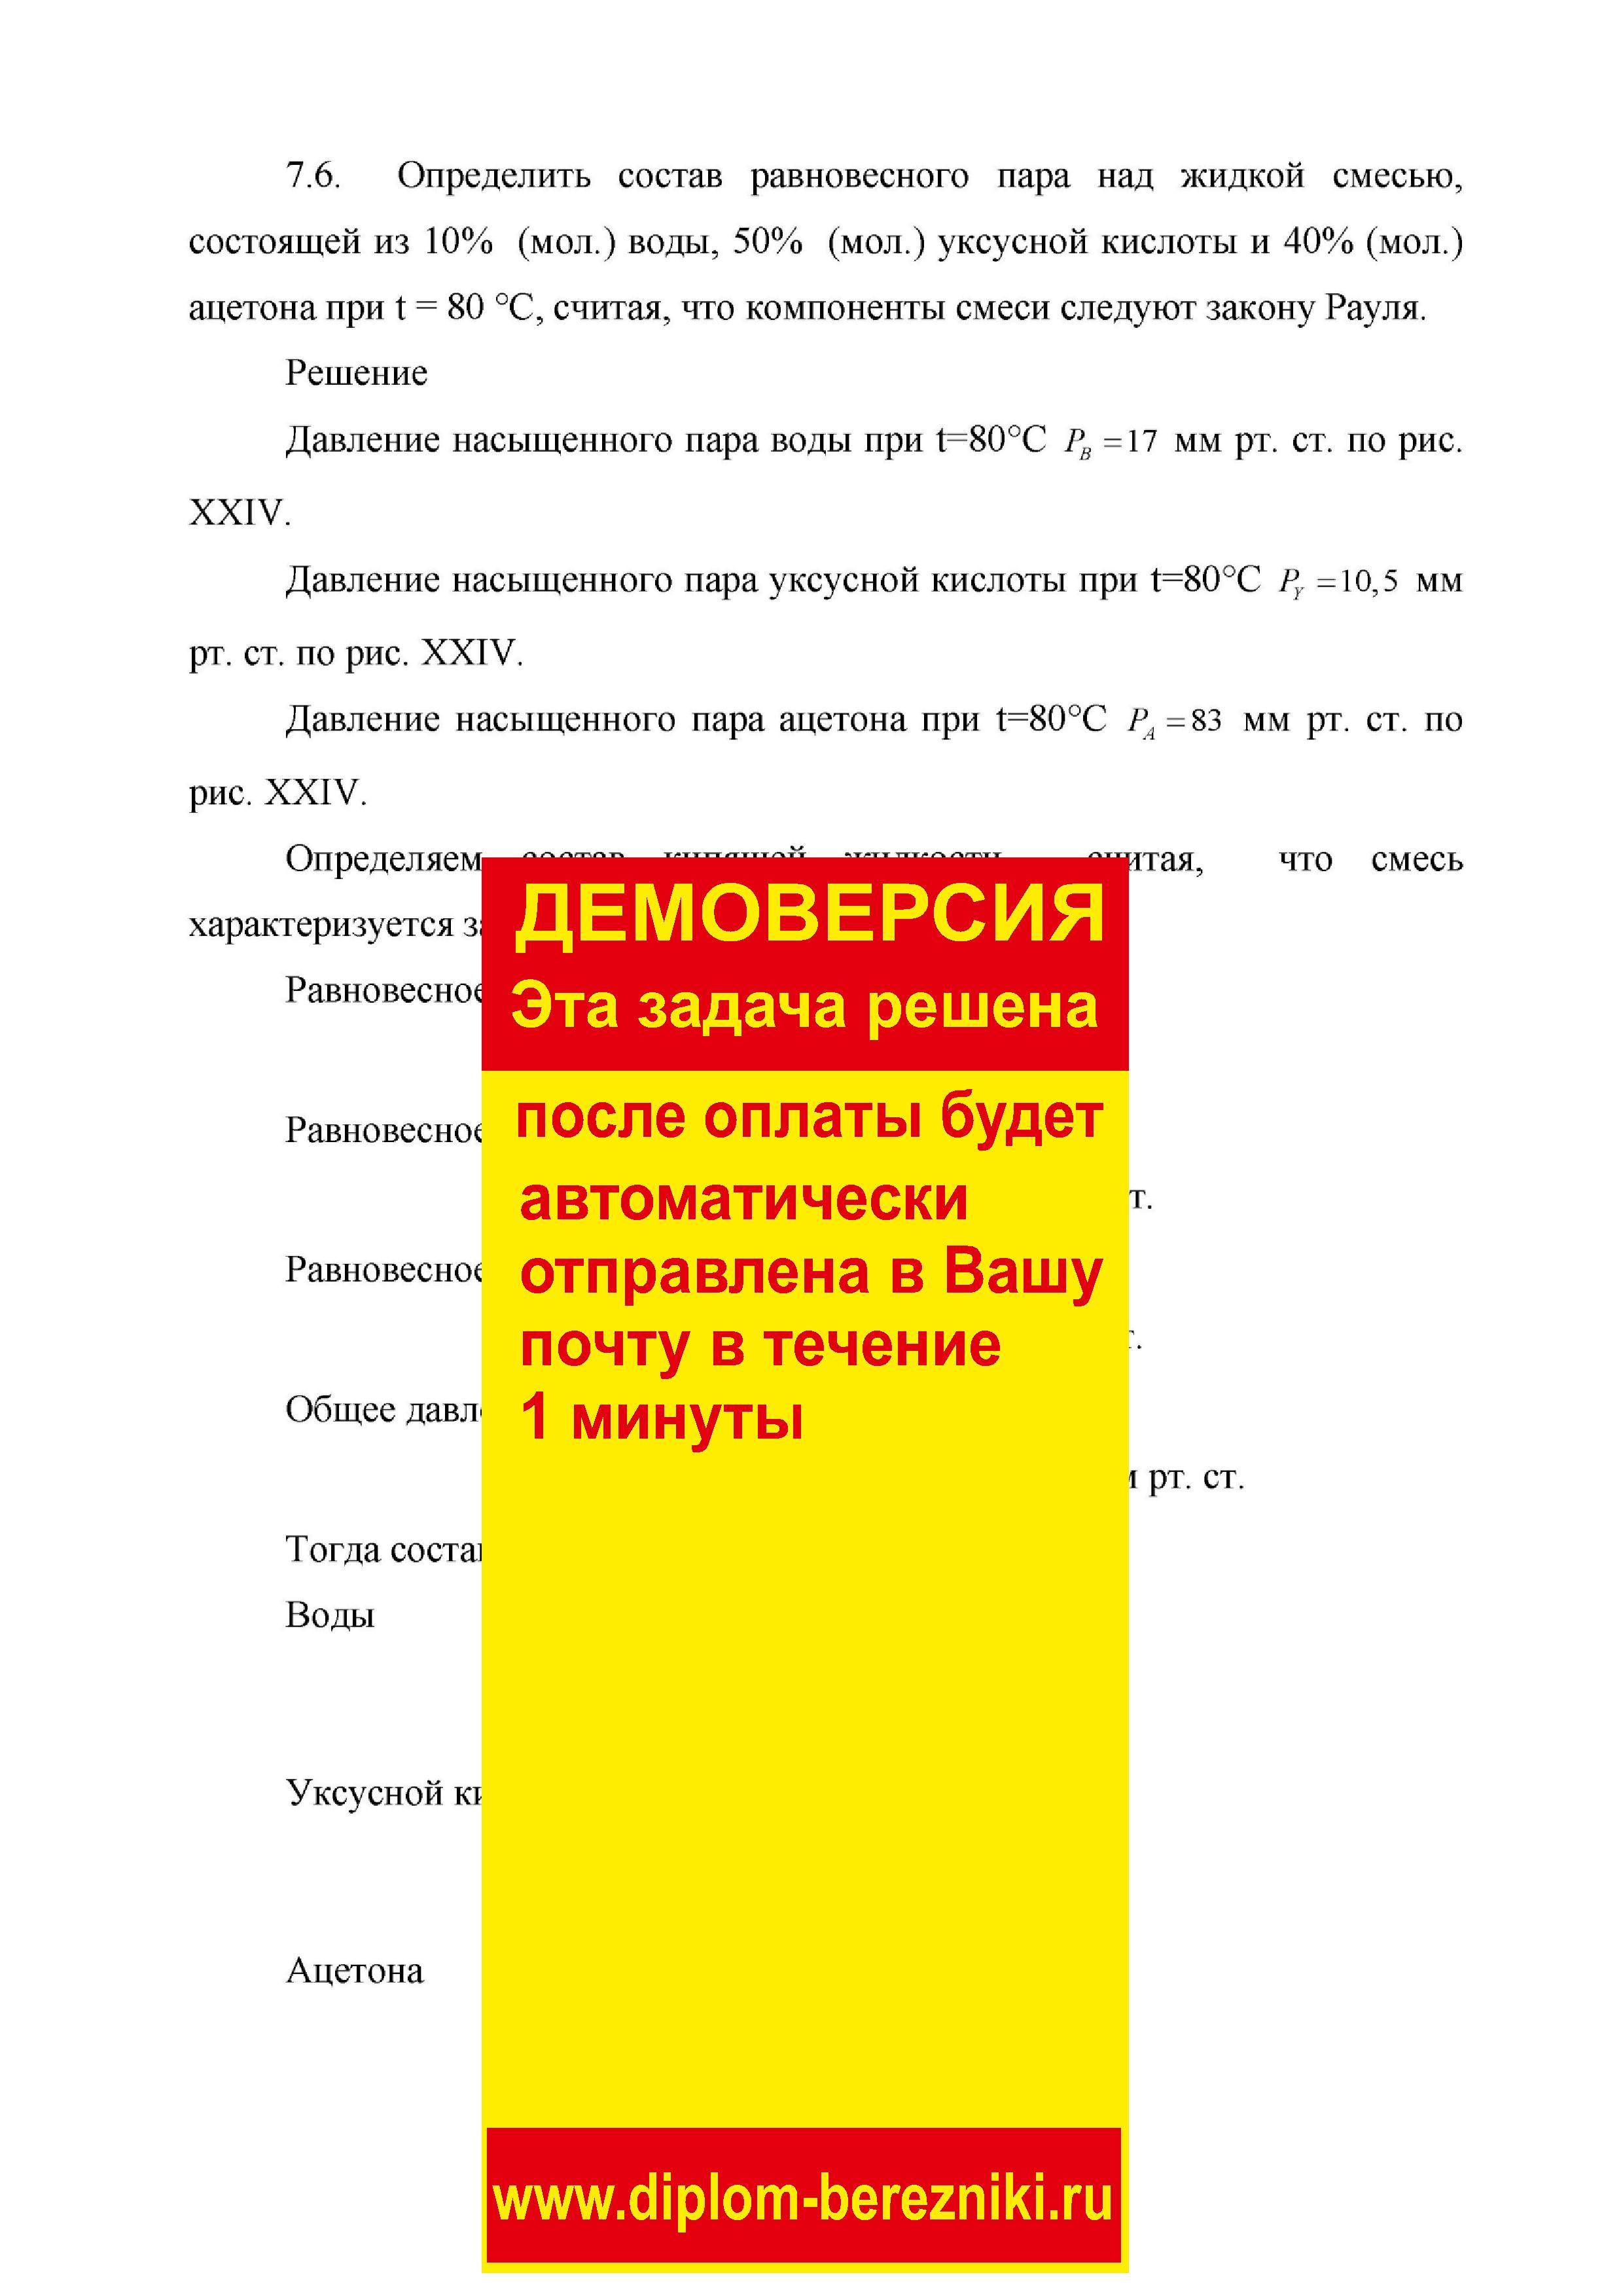 Решение задачи 7.6 по ПАХТ из задачника Павлова Романкова Носкова